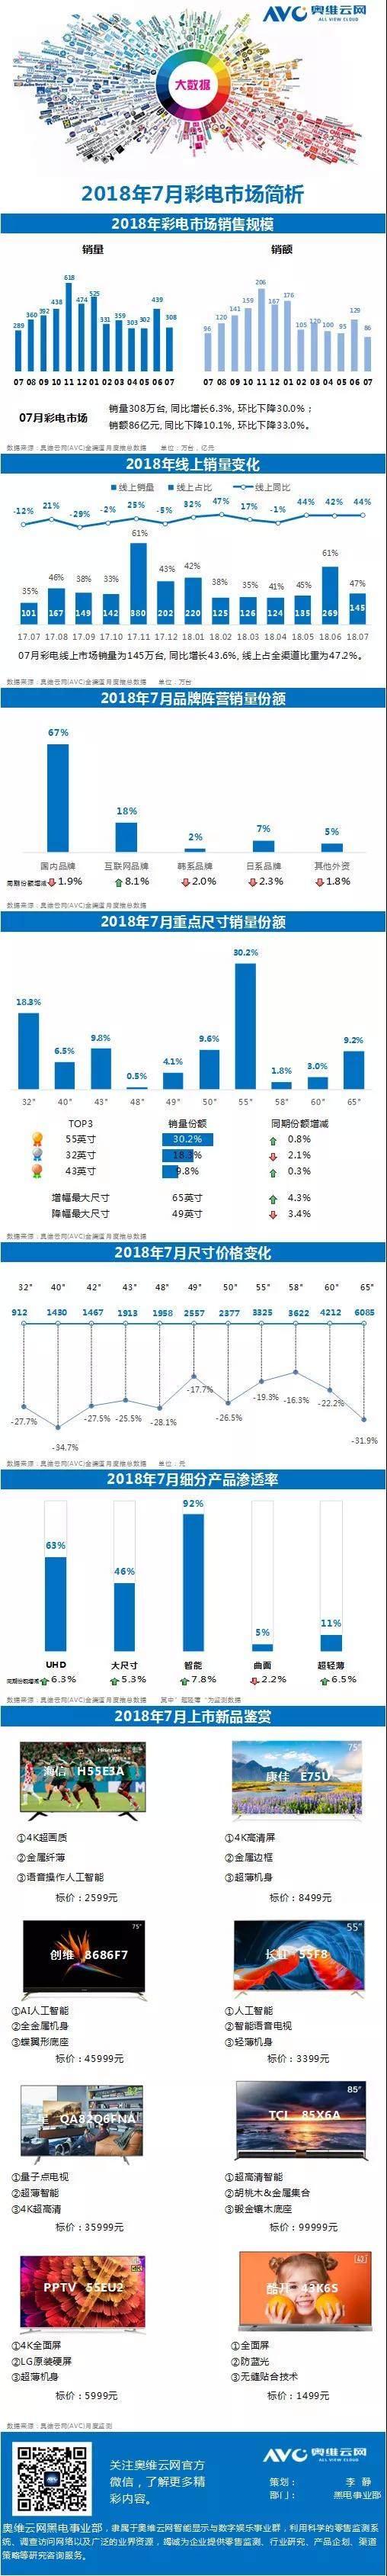 7月彩电市场报告发布:国内品牌仍是销量主力